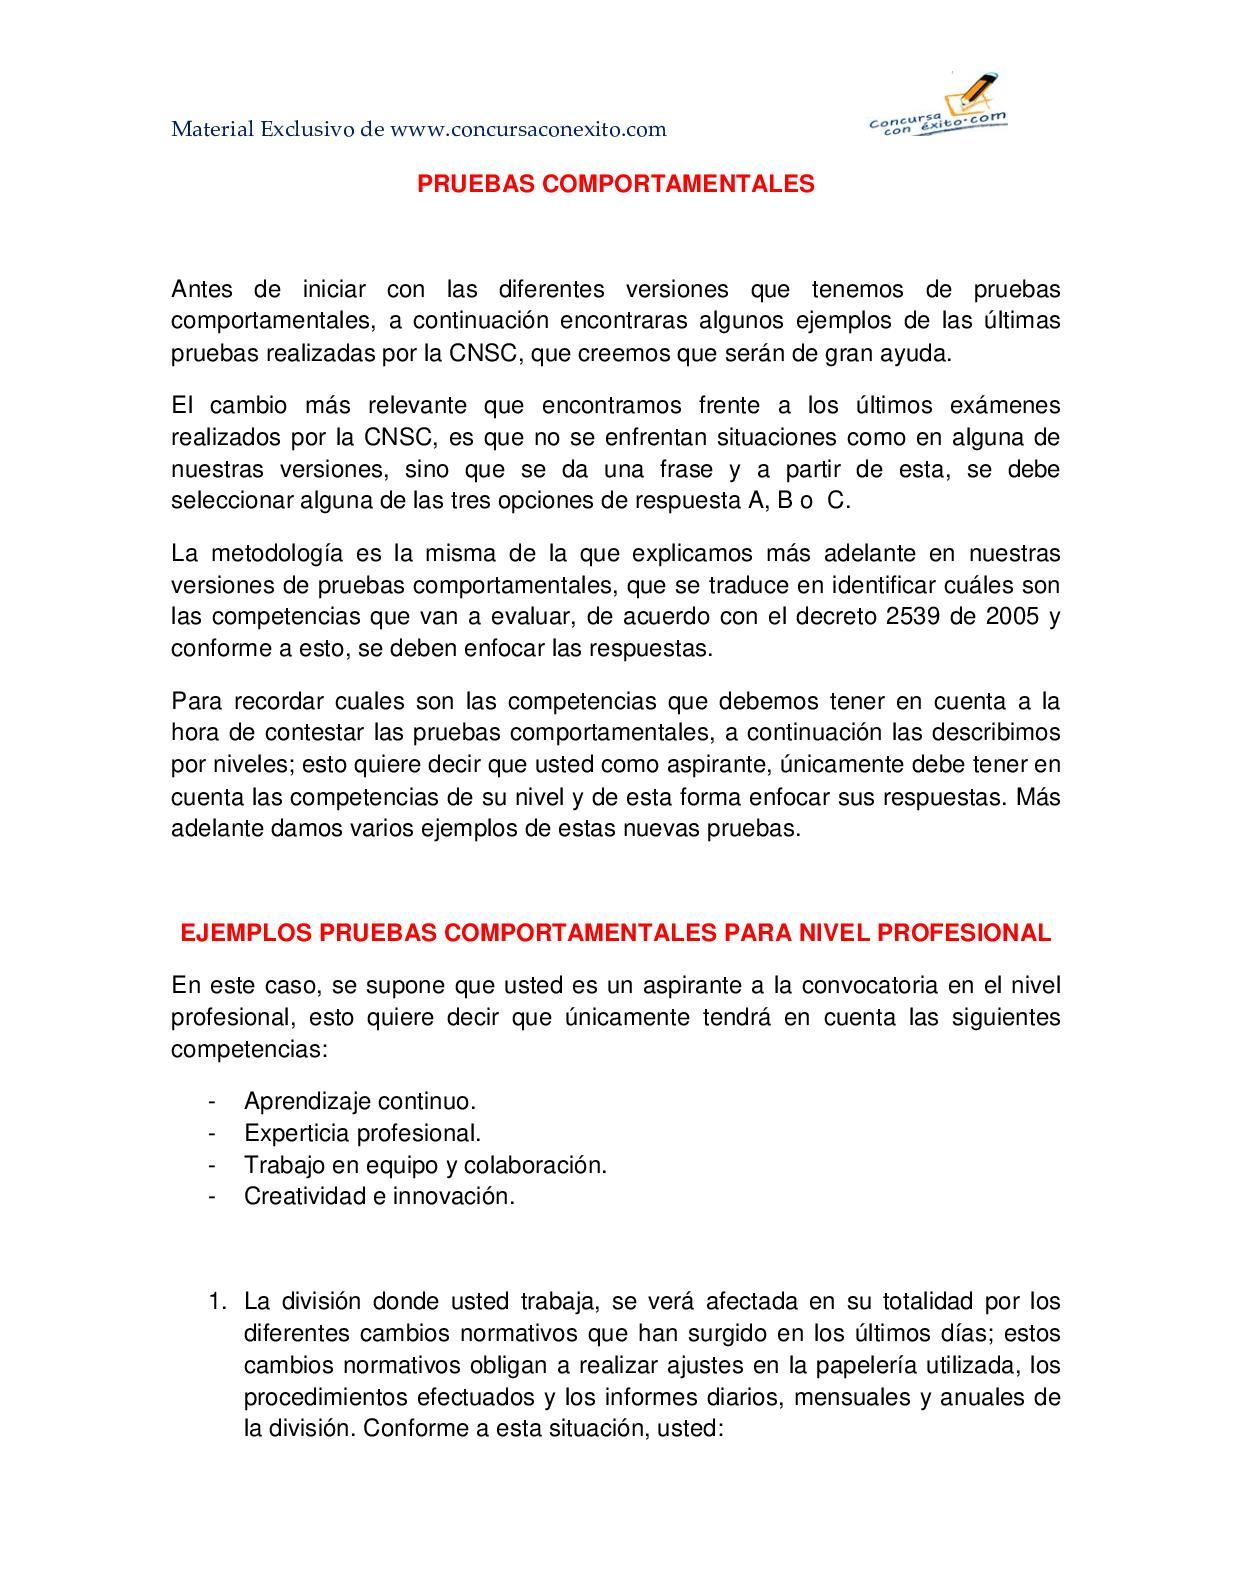 320960646 Pruebas Comportamentales Concursos Publicos